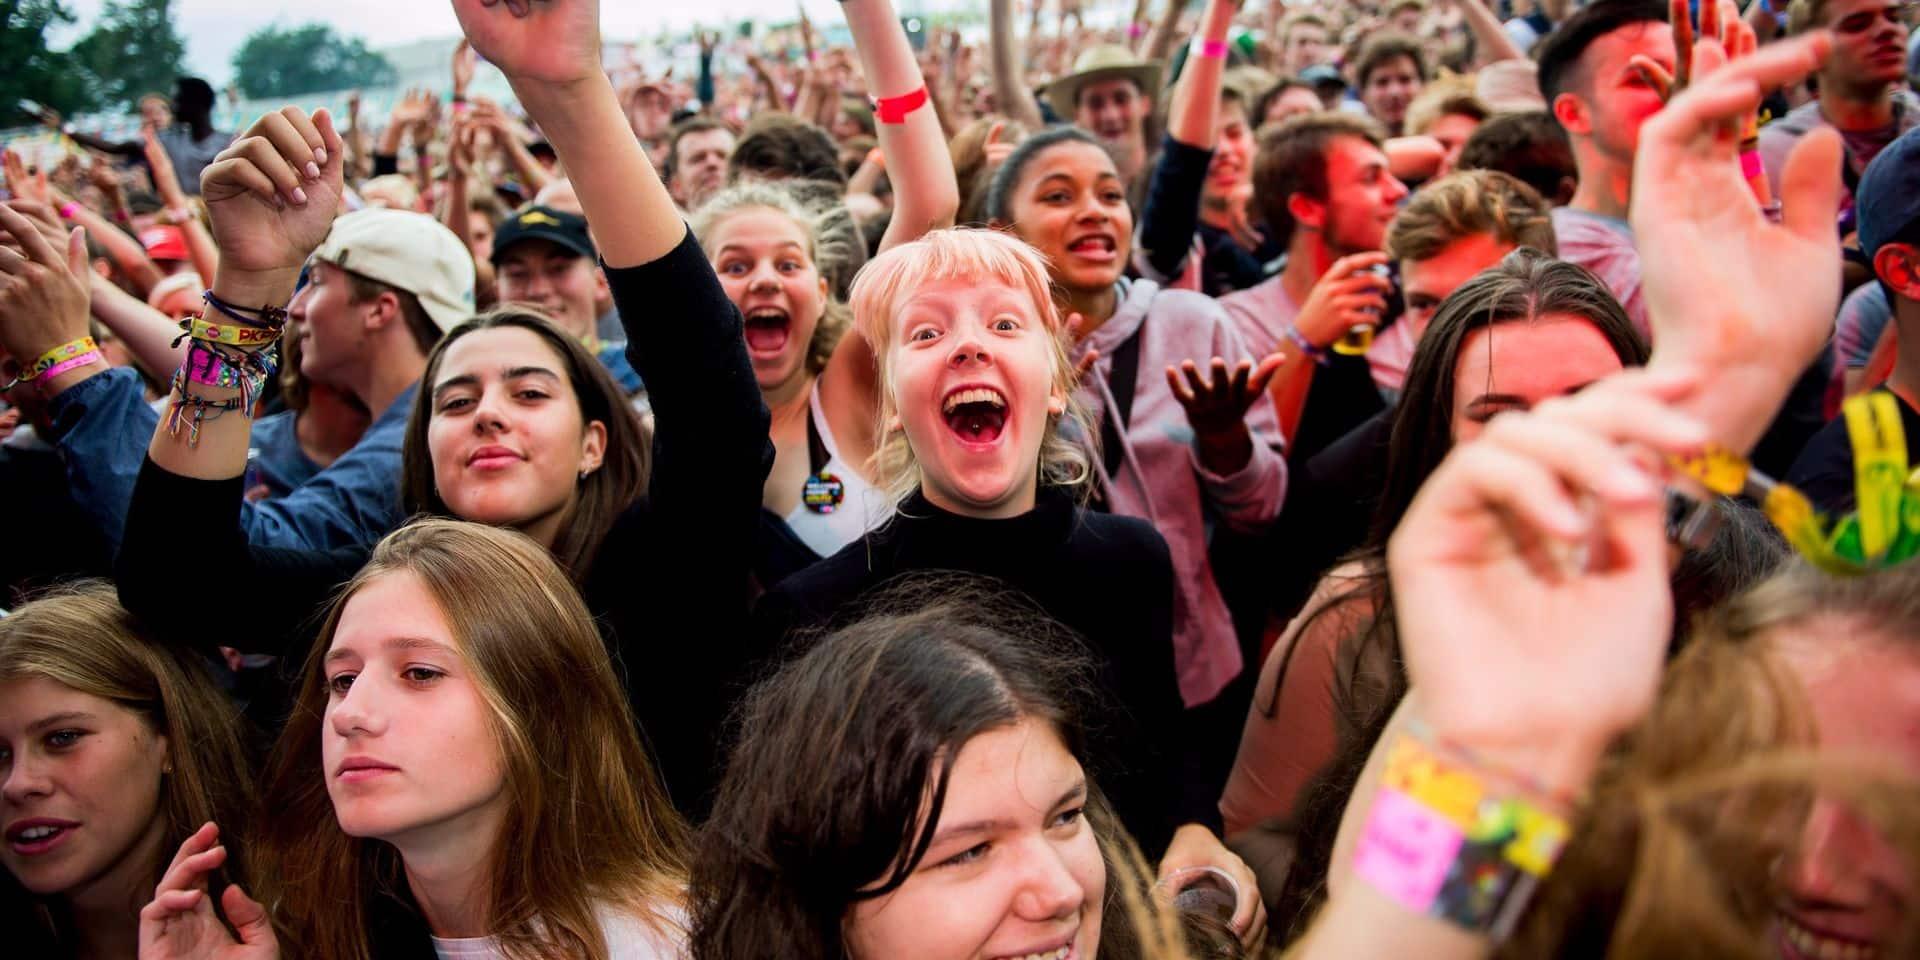 Soignies : Le festival Août en Eclats annulé cet été, il est remplacé par les Eclats estivaux